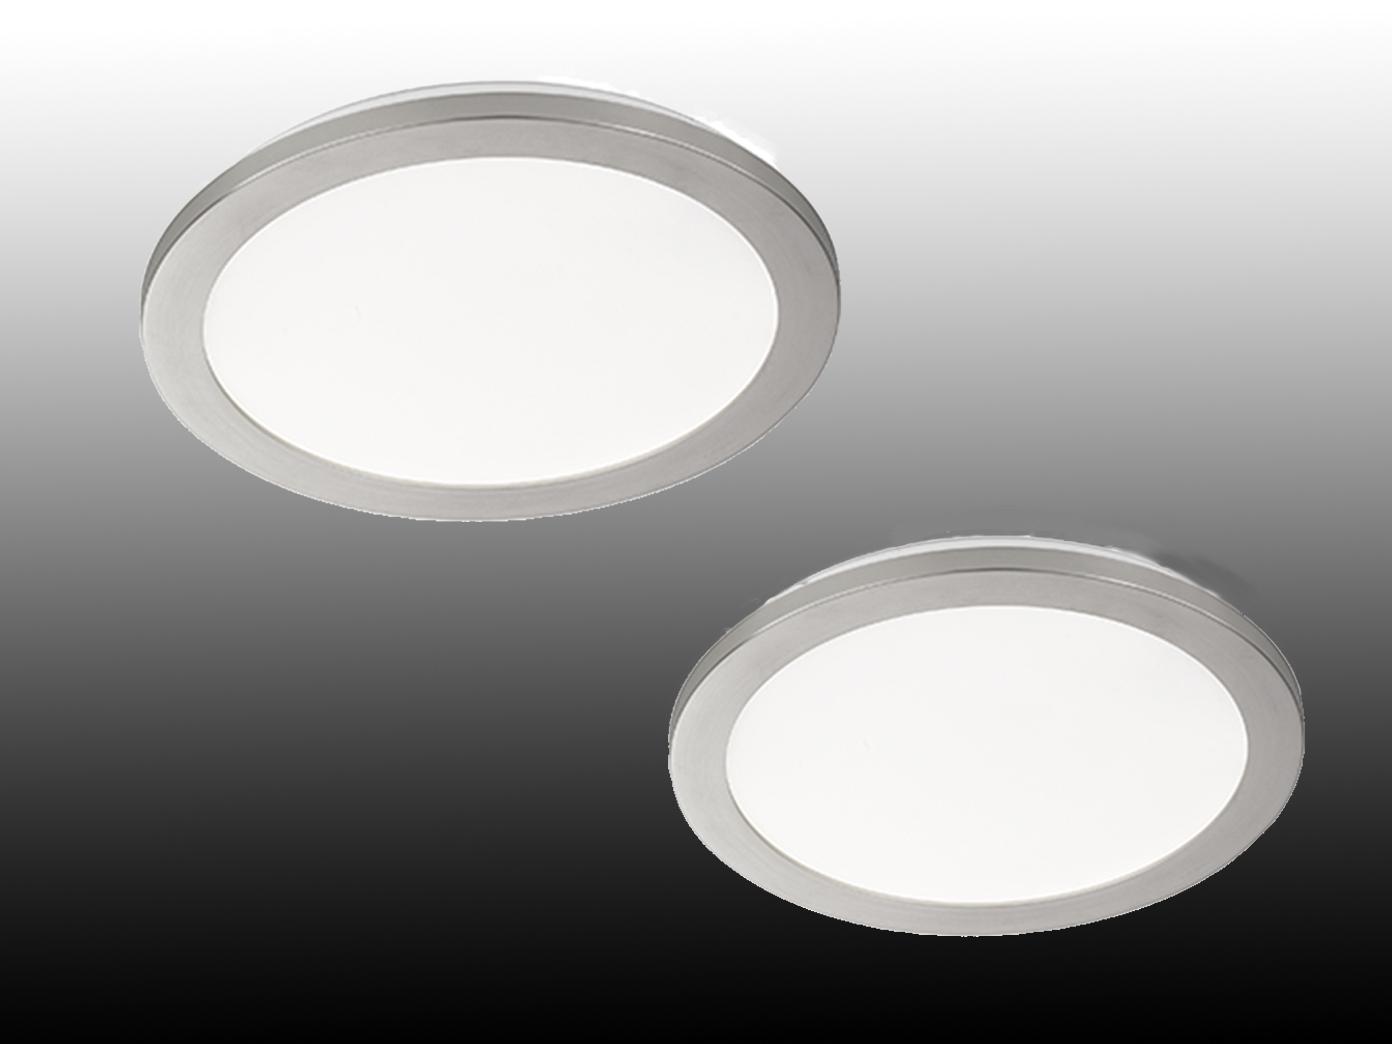 LED Innenleuchten 2er SET fürs Badezimmer, runde IP44 Deckenlampen,  dimmbar, matt